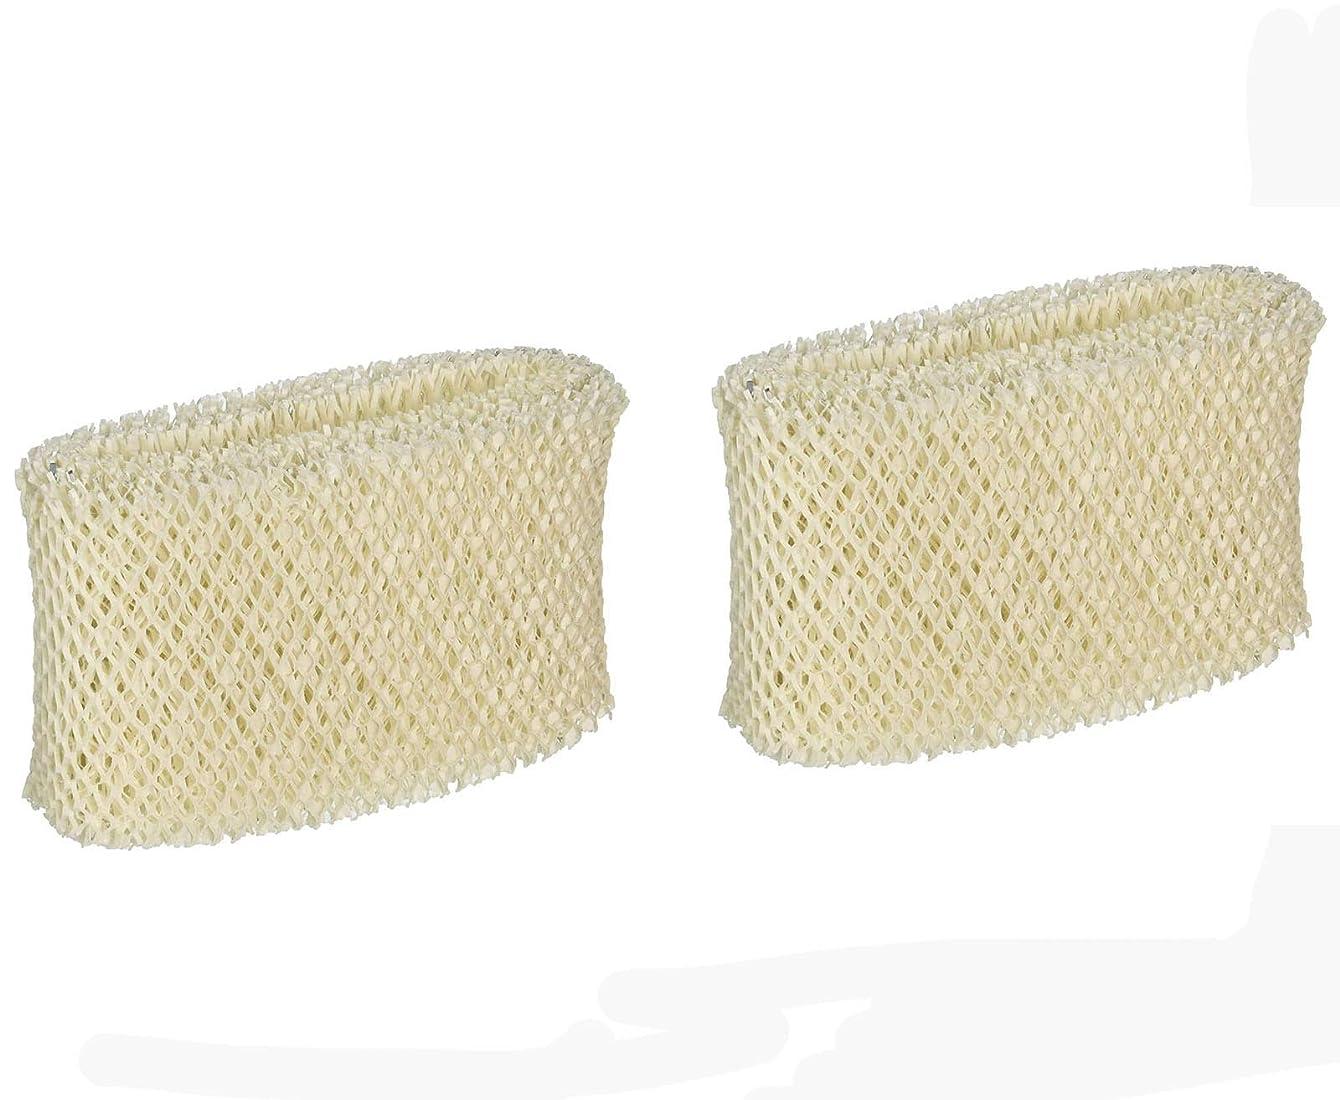 Ximoon 2 Pack Humidifier Filter for Vicks & Kaz WF2, Fit Vicks V3500N, V3100, V3900 Series, V3700, Sunbeam 1118 Series, Honeywell HCM-350 Series